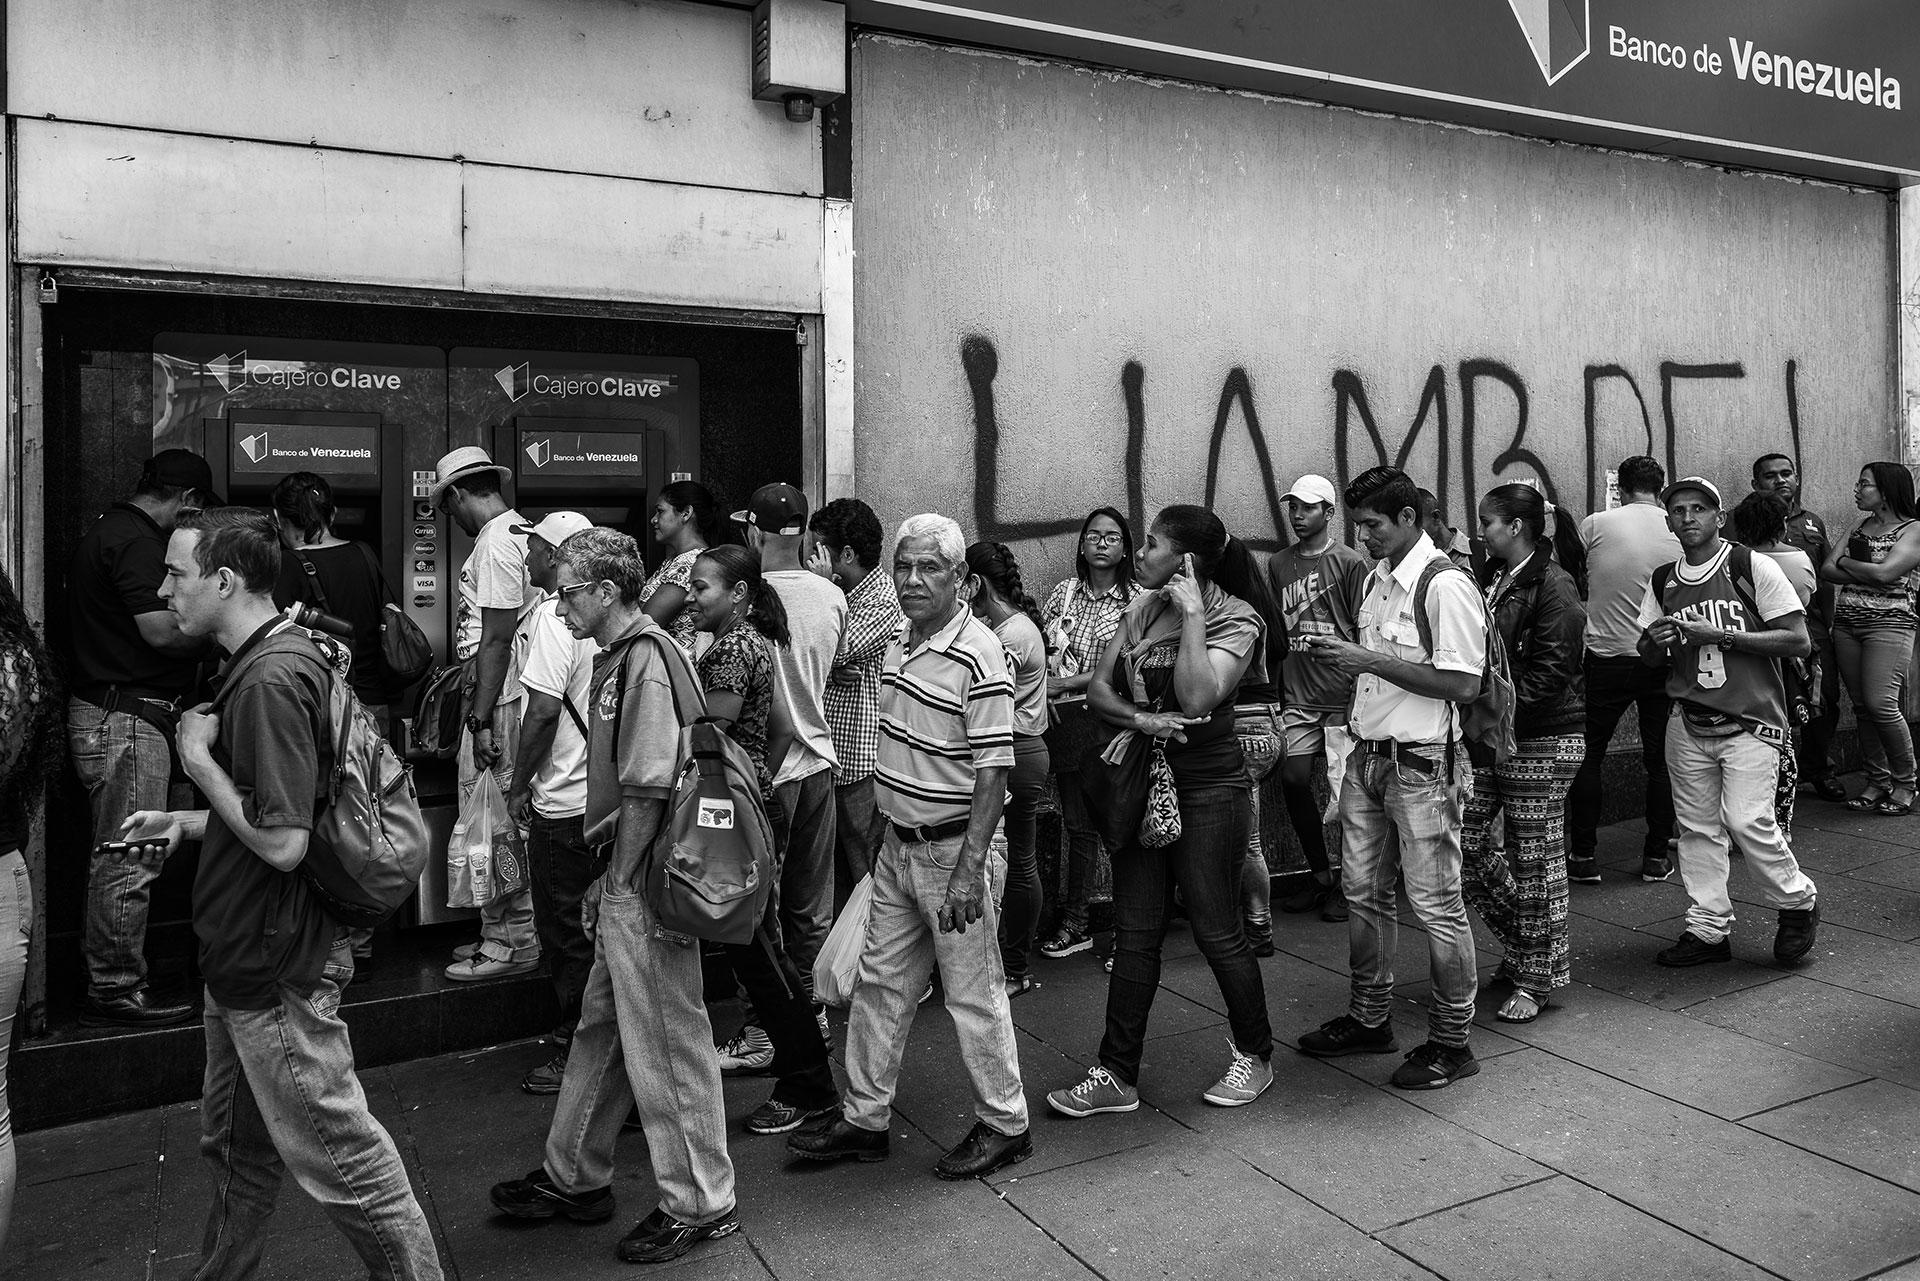 """Un grupo de gente hace cola frente a un banco para retirar efectivo en un cajero automático. Detrás, en un grafiti se lee """"hambre""""."""